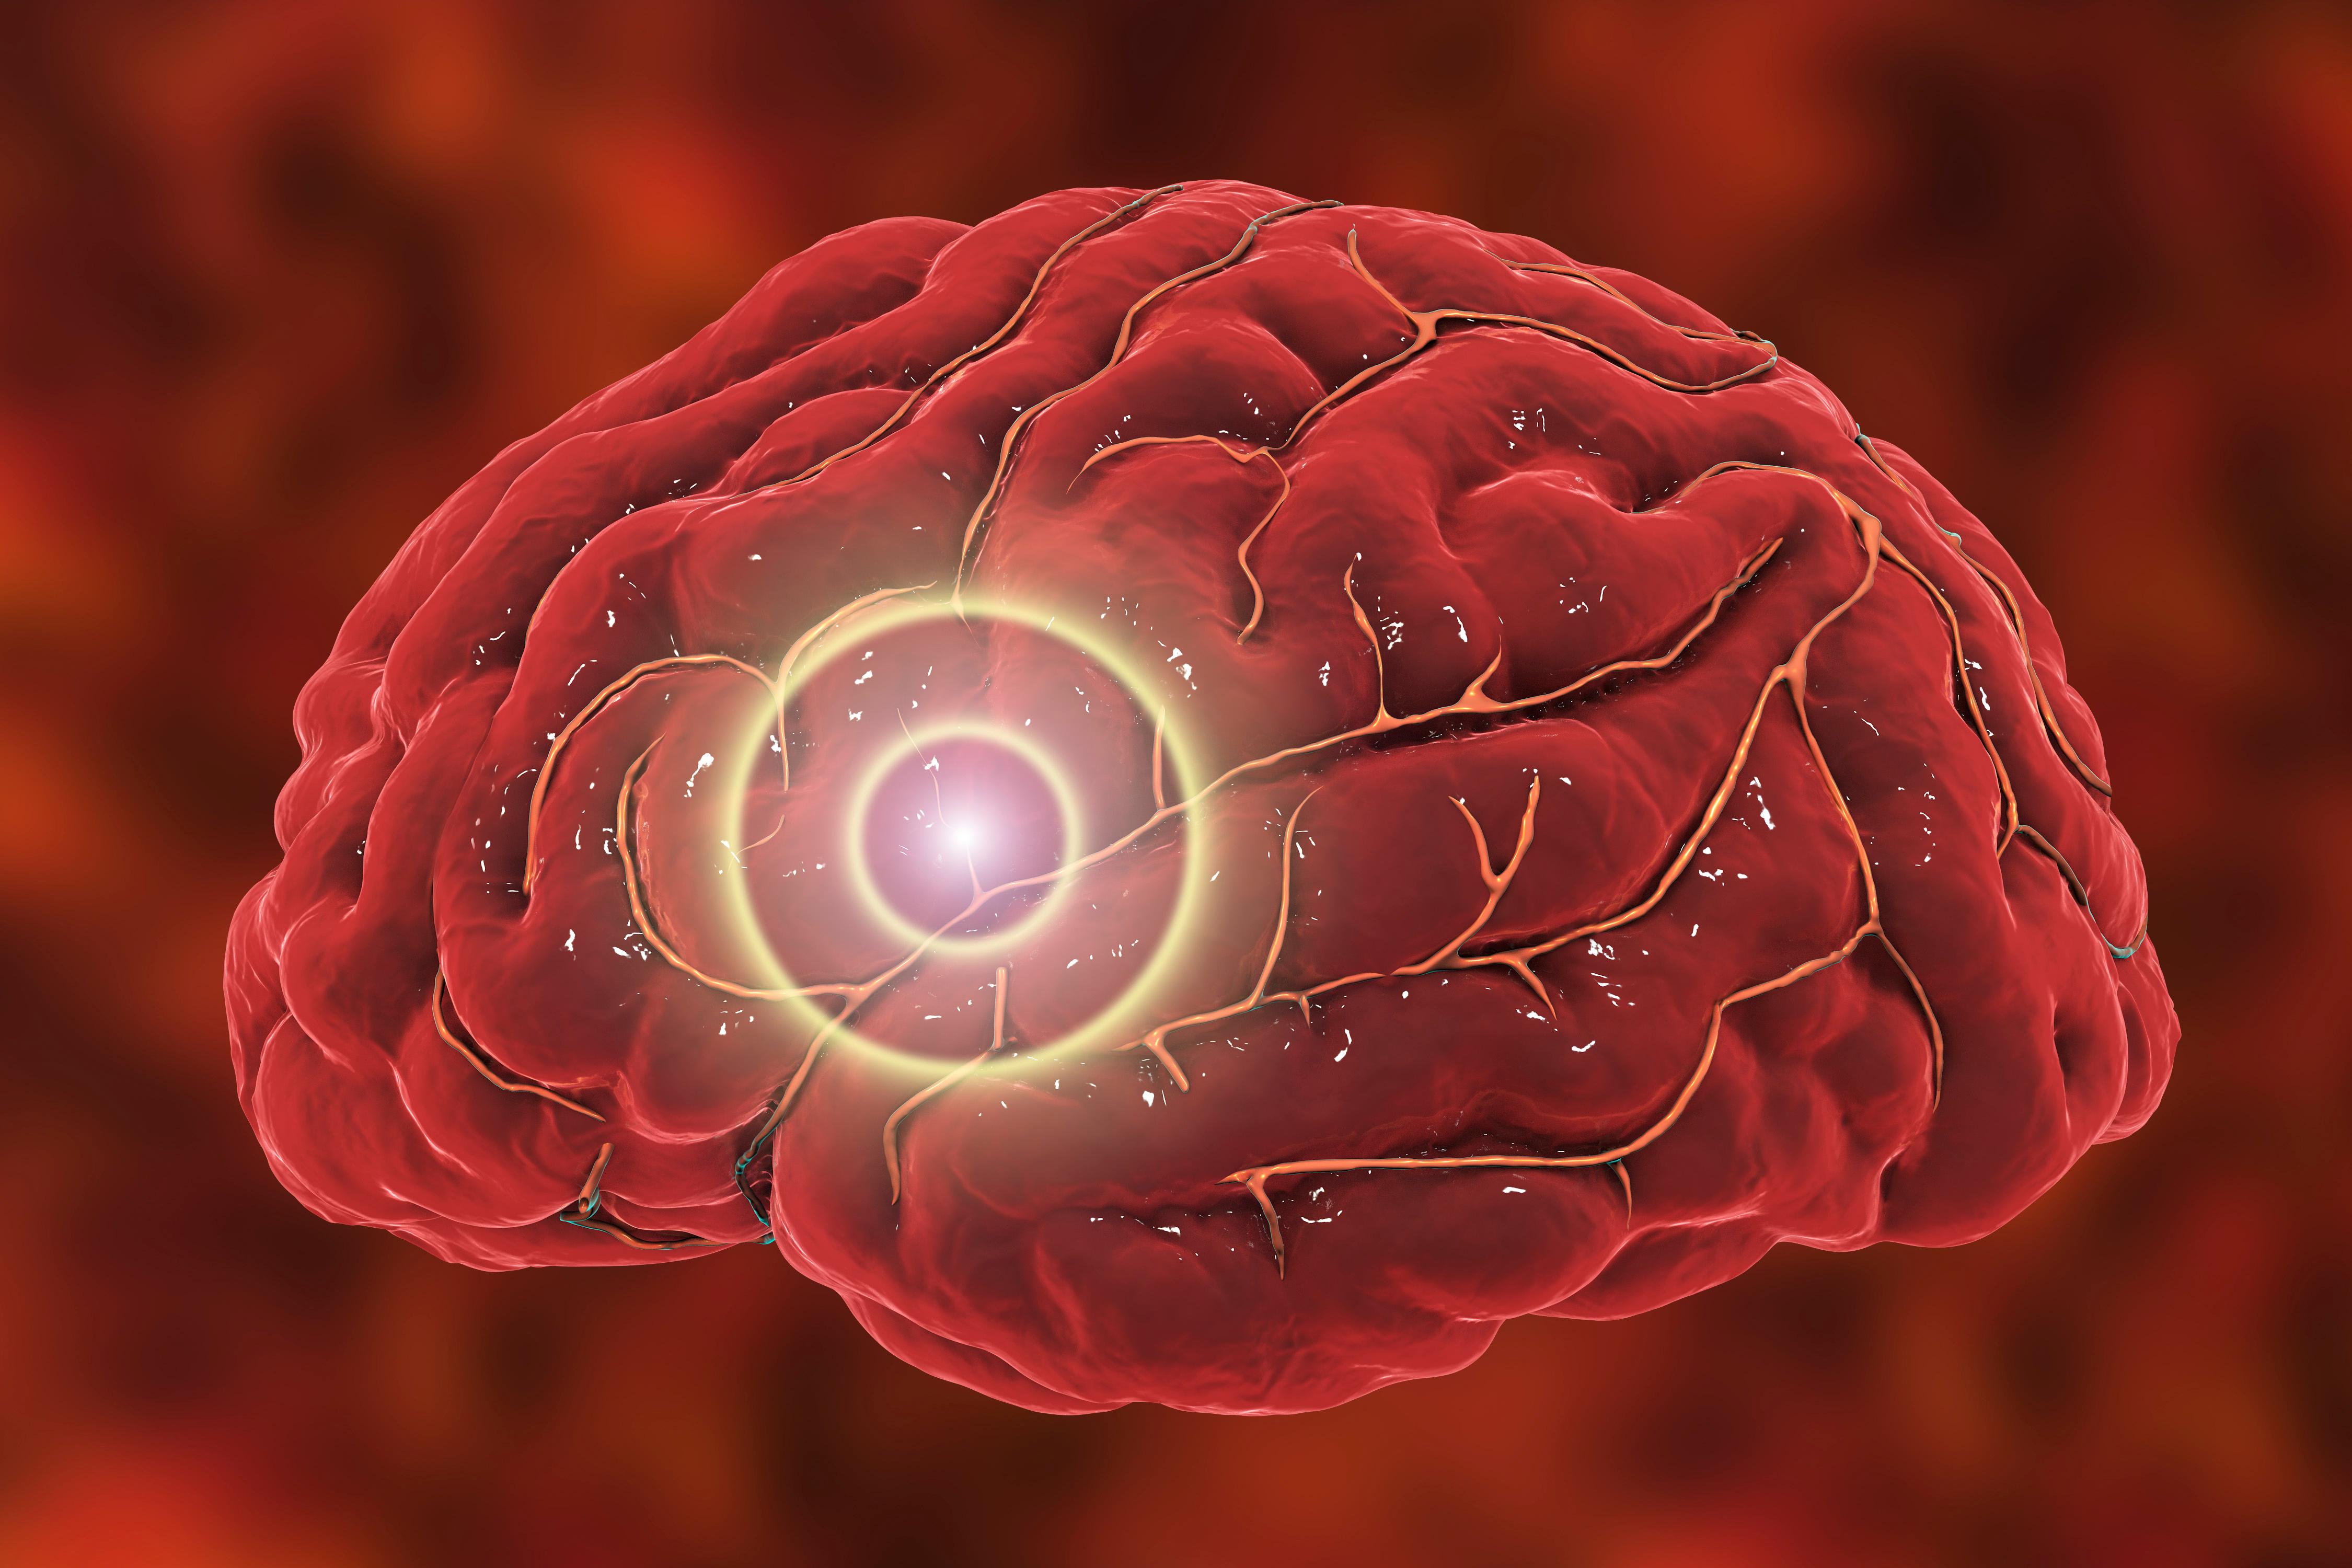 Det finns teorier forskning kring att hjärnstammen och trigeminusnerven är inblandade.